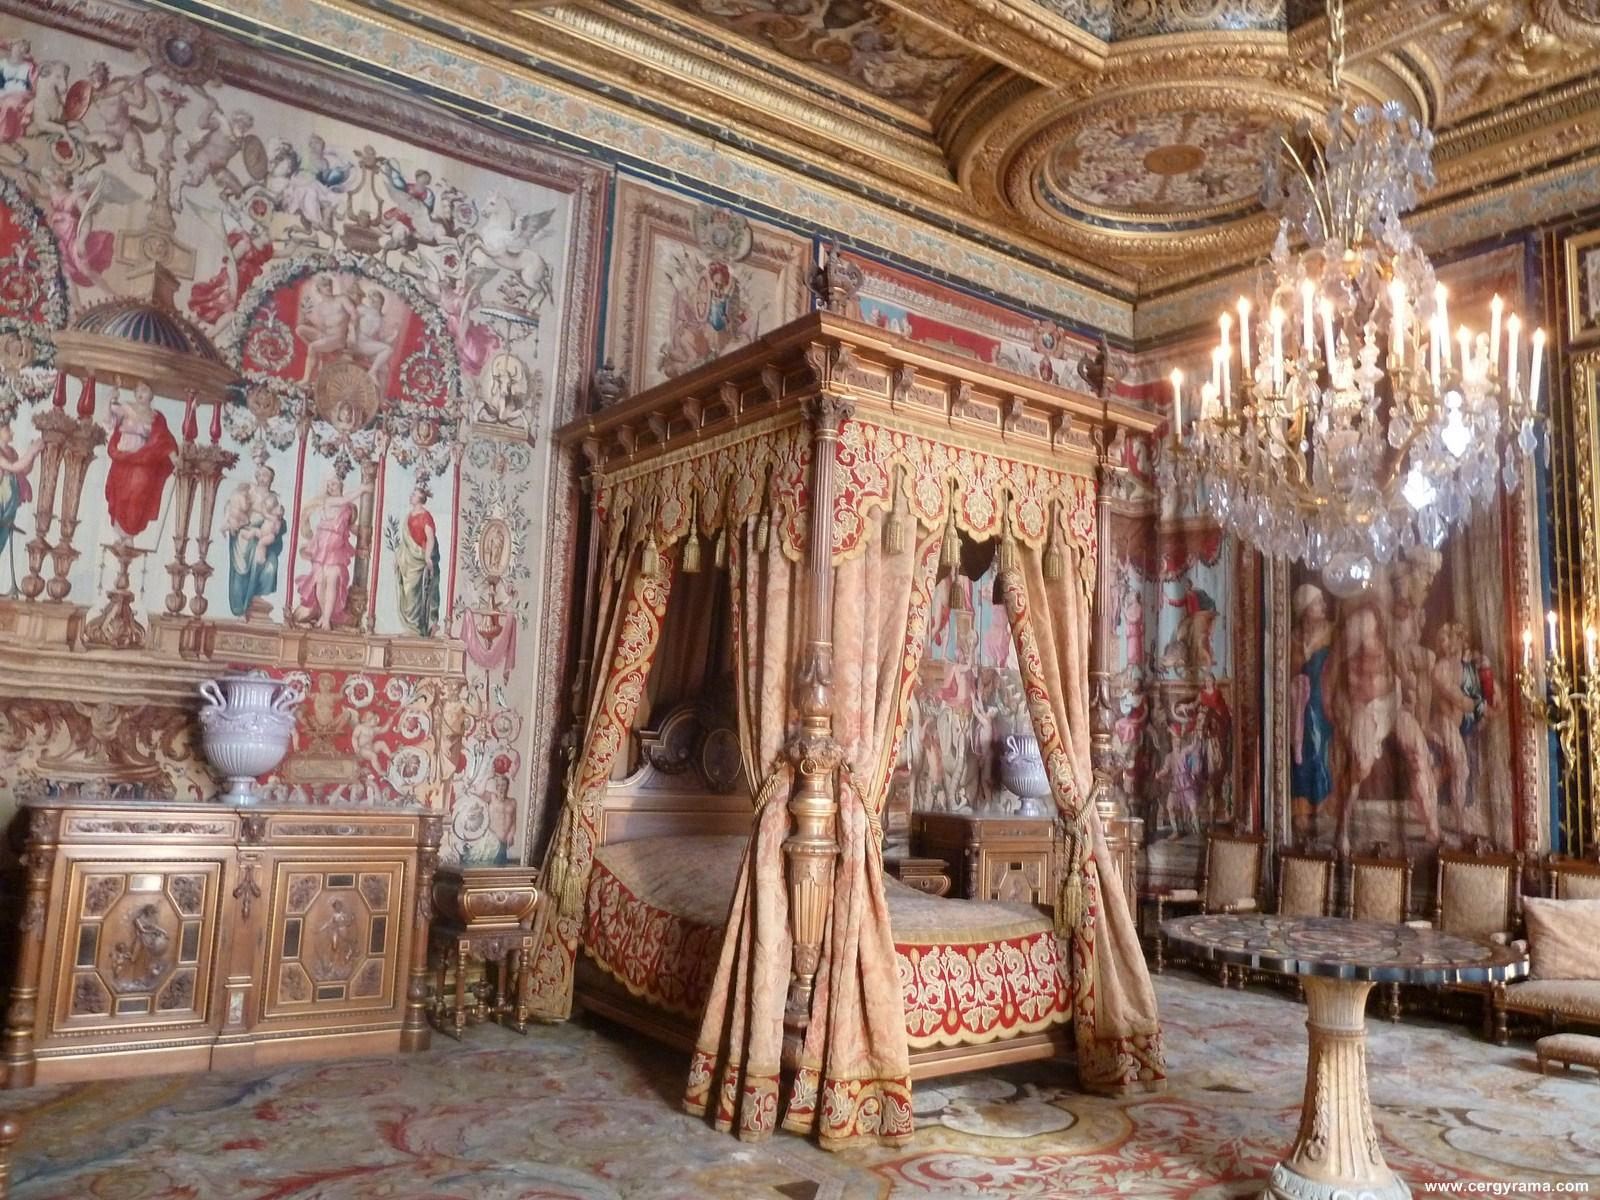 Chateau de fontainebleau interieur chateau u montellier for Chateau de versailles interieur